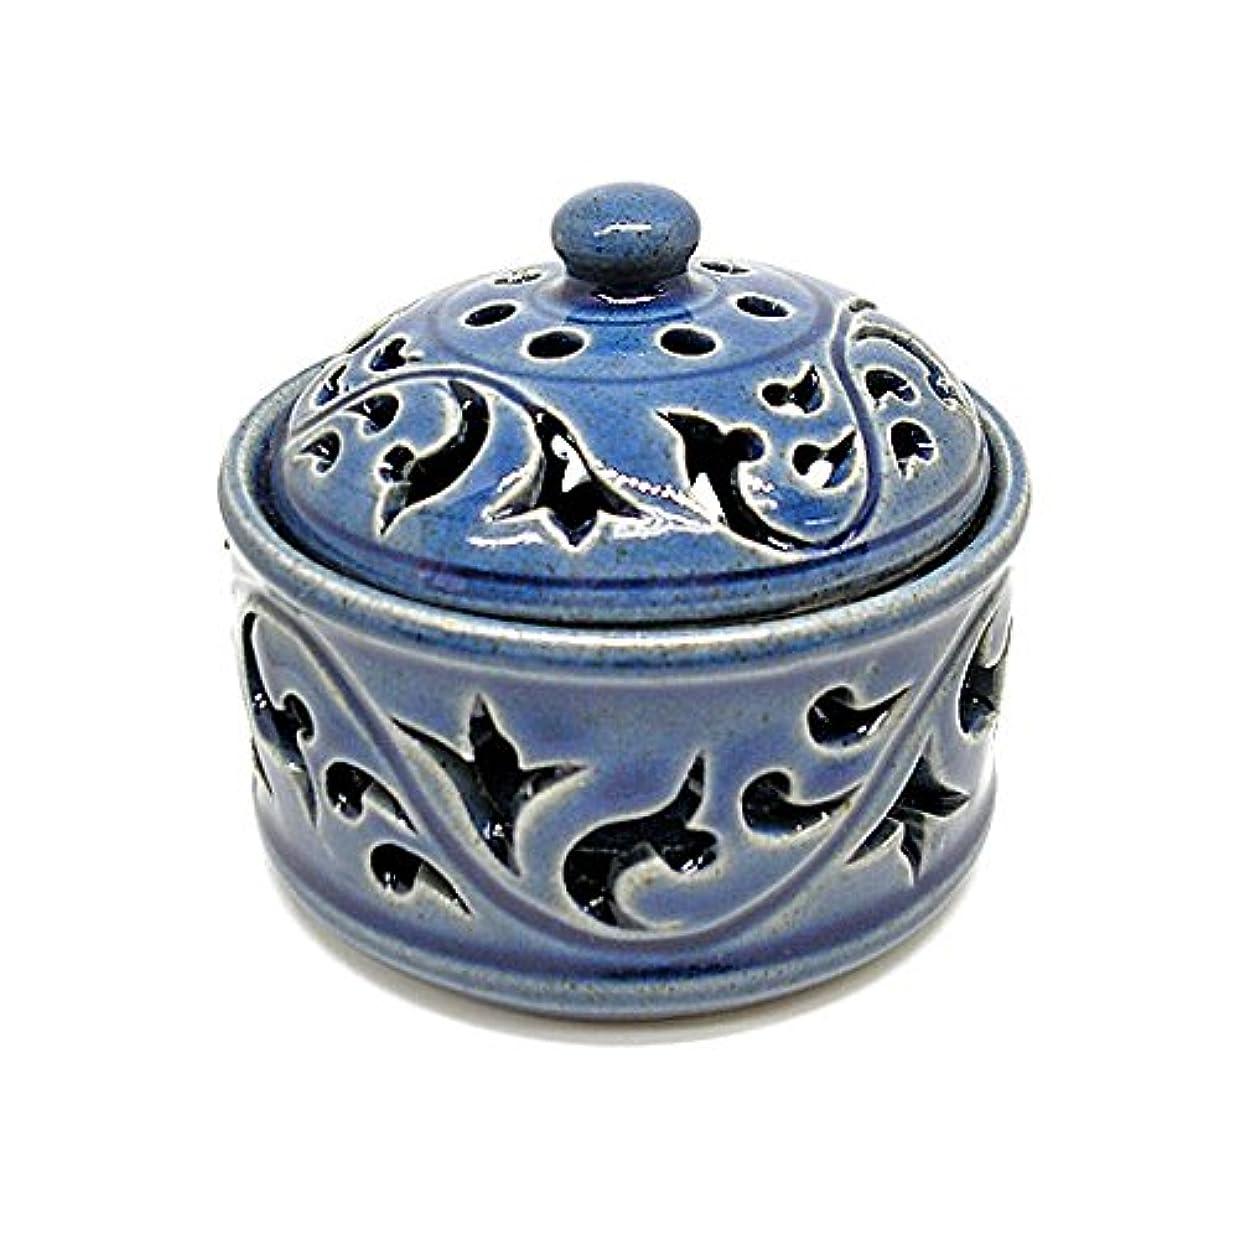 桃傾向がありますペイント唐草模様の陶器の香炉 小物入れ ブルー インセンスホルダー お香立て アジアン雑貨 並行輸入品(ノーブランド品) [並行輸入品]